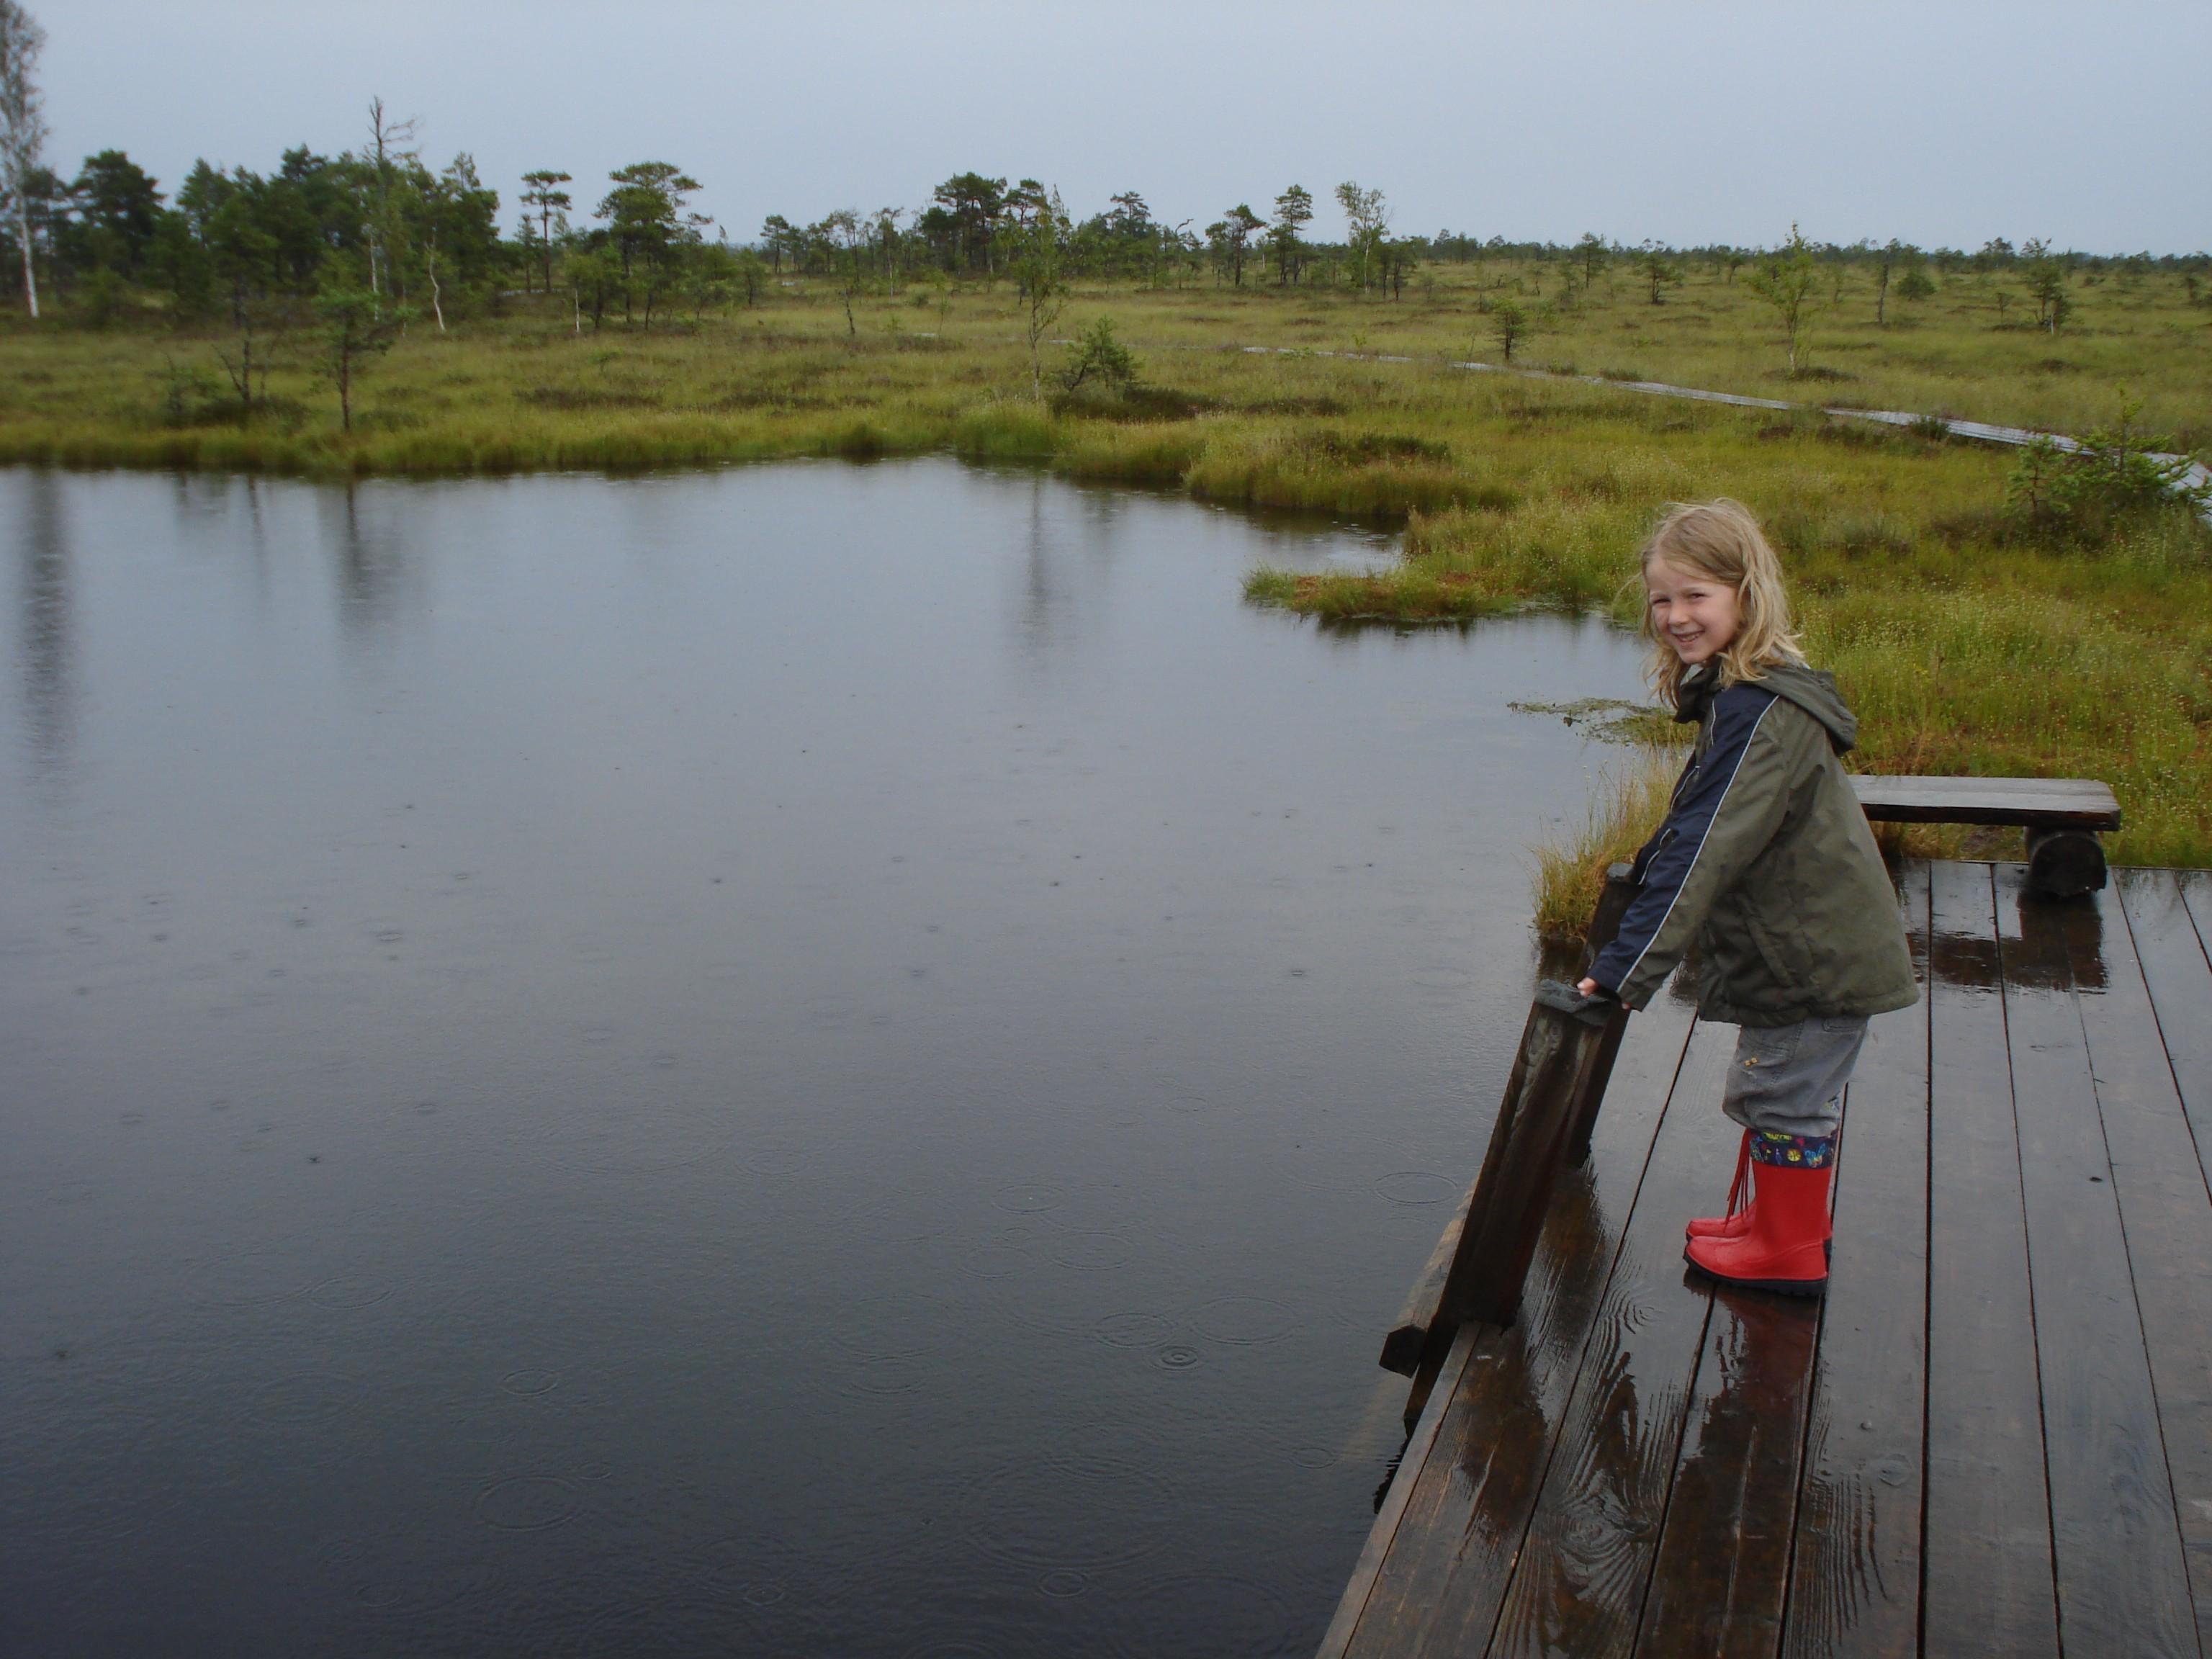 moorteich-zu-schwimmen-viljandi-nationalpark